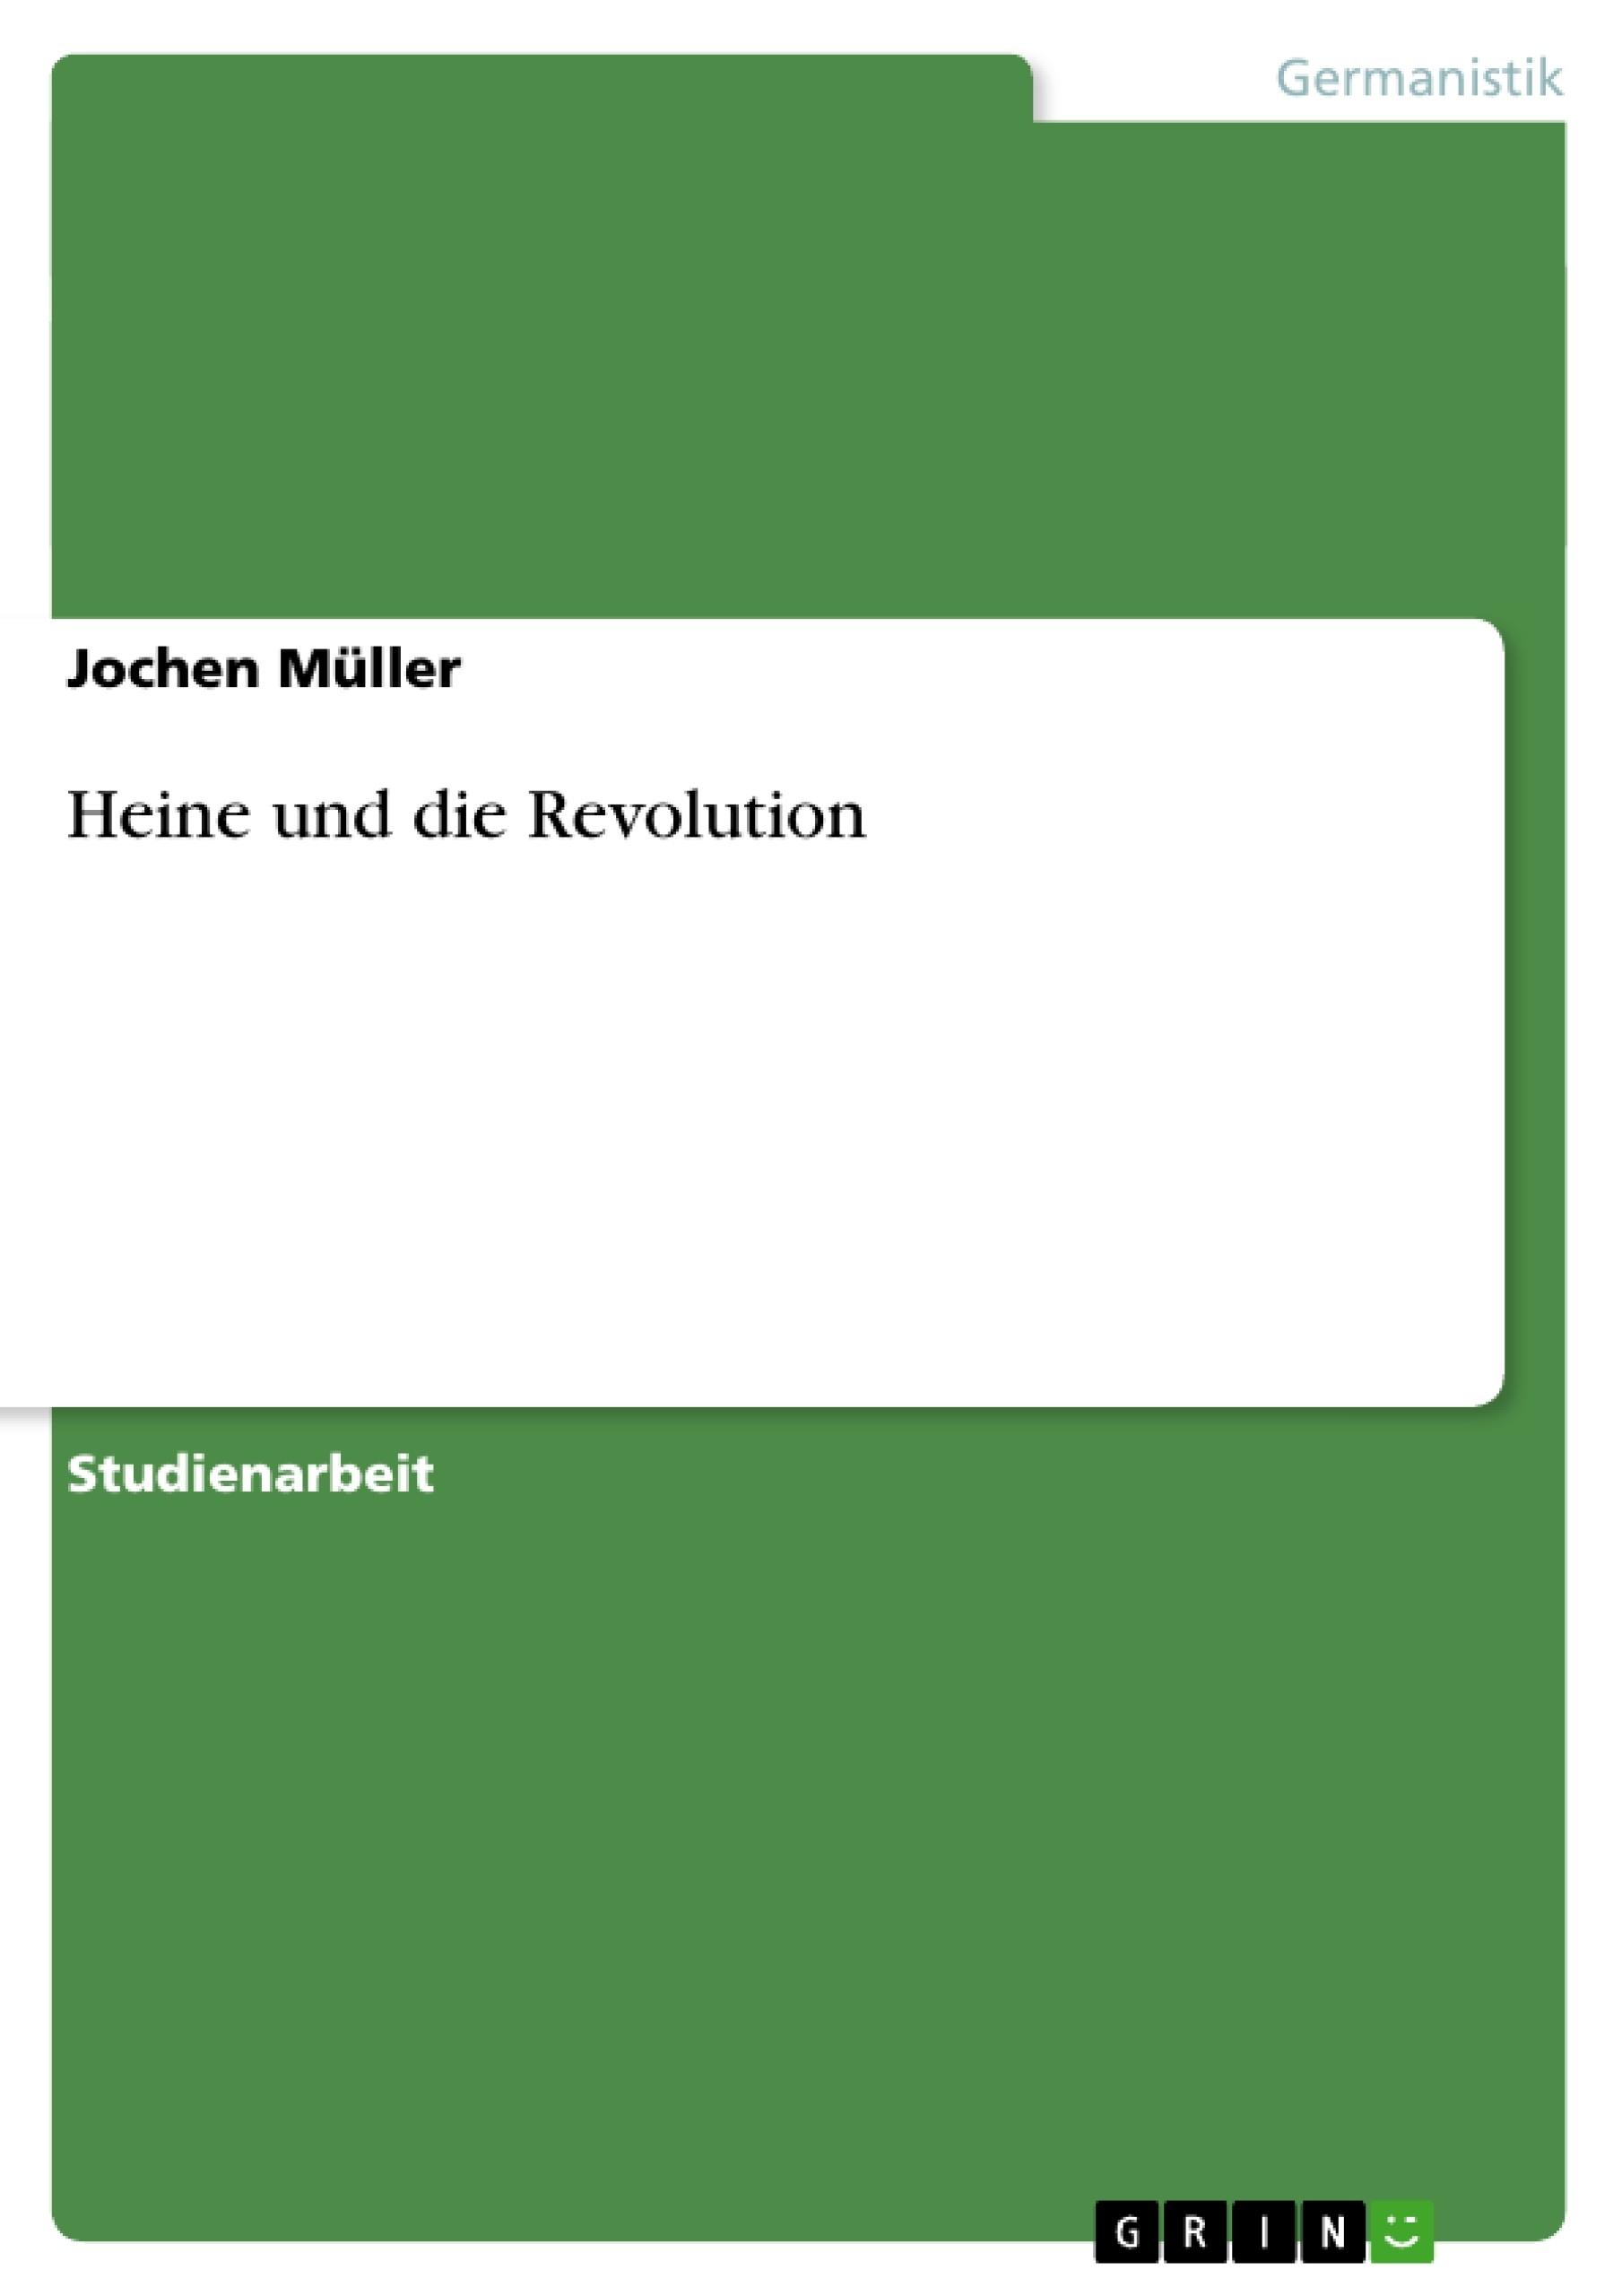 Titel: Heine und die Revolution